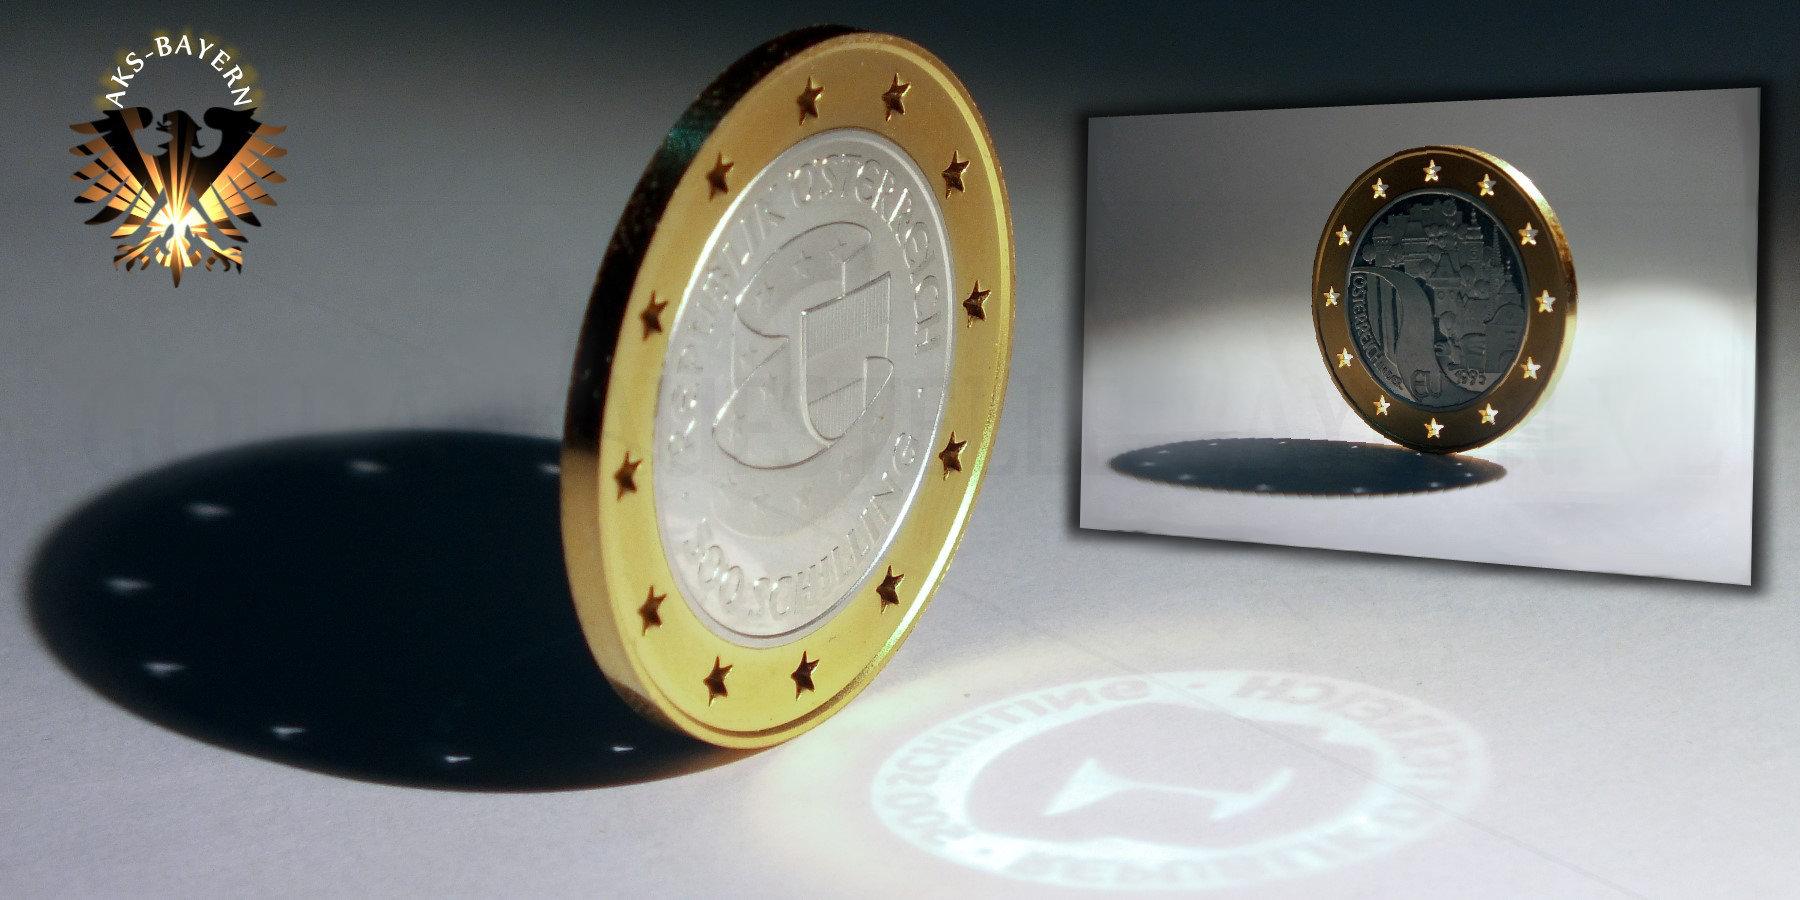 500 Schilling 1995 österreich In Der Eu Bimetallmünze Silber Gold